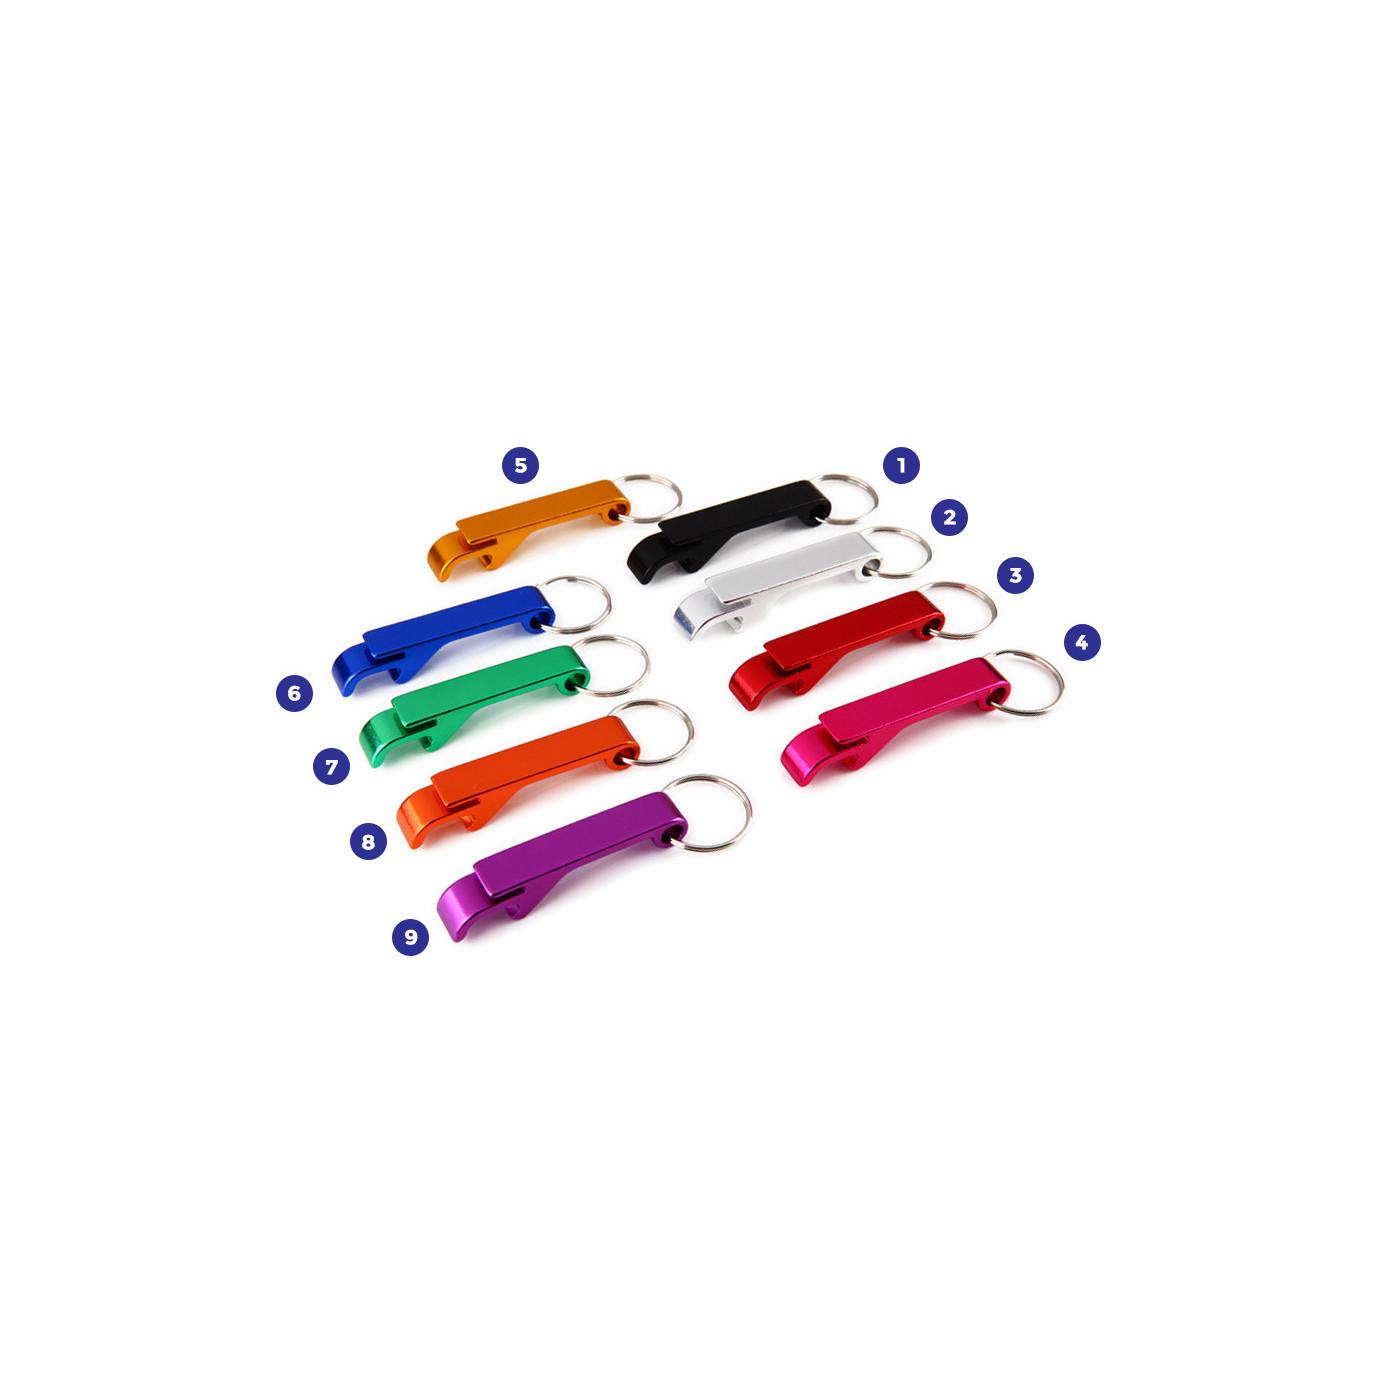 Set von 10 Flaschenöffnern aus Metall, Farbe 9: lila